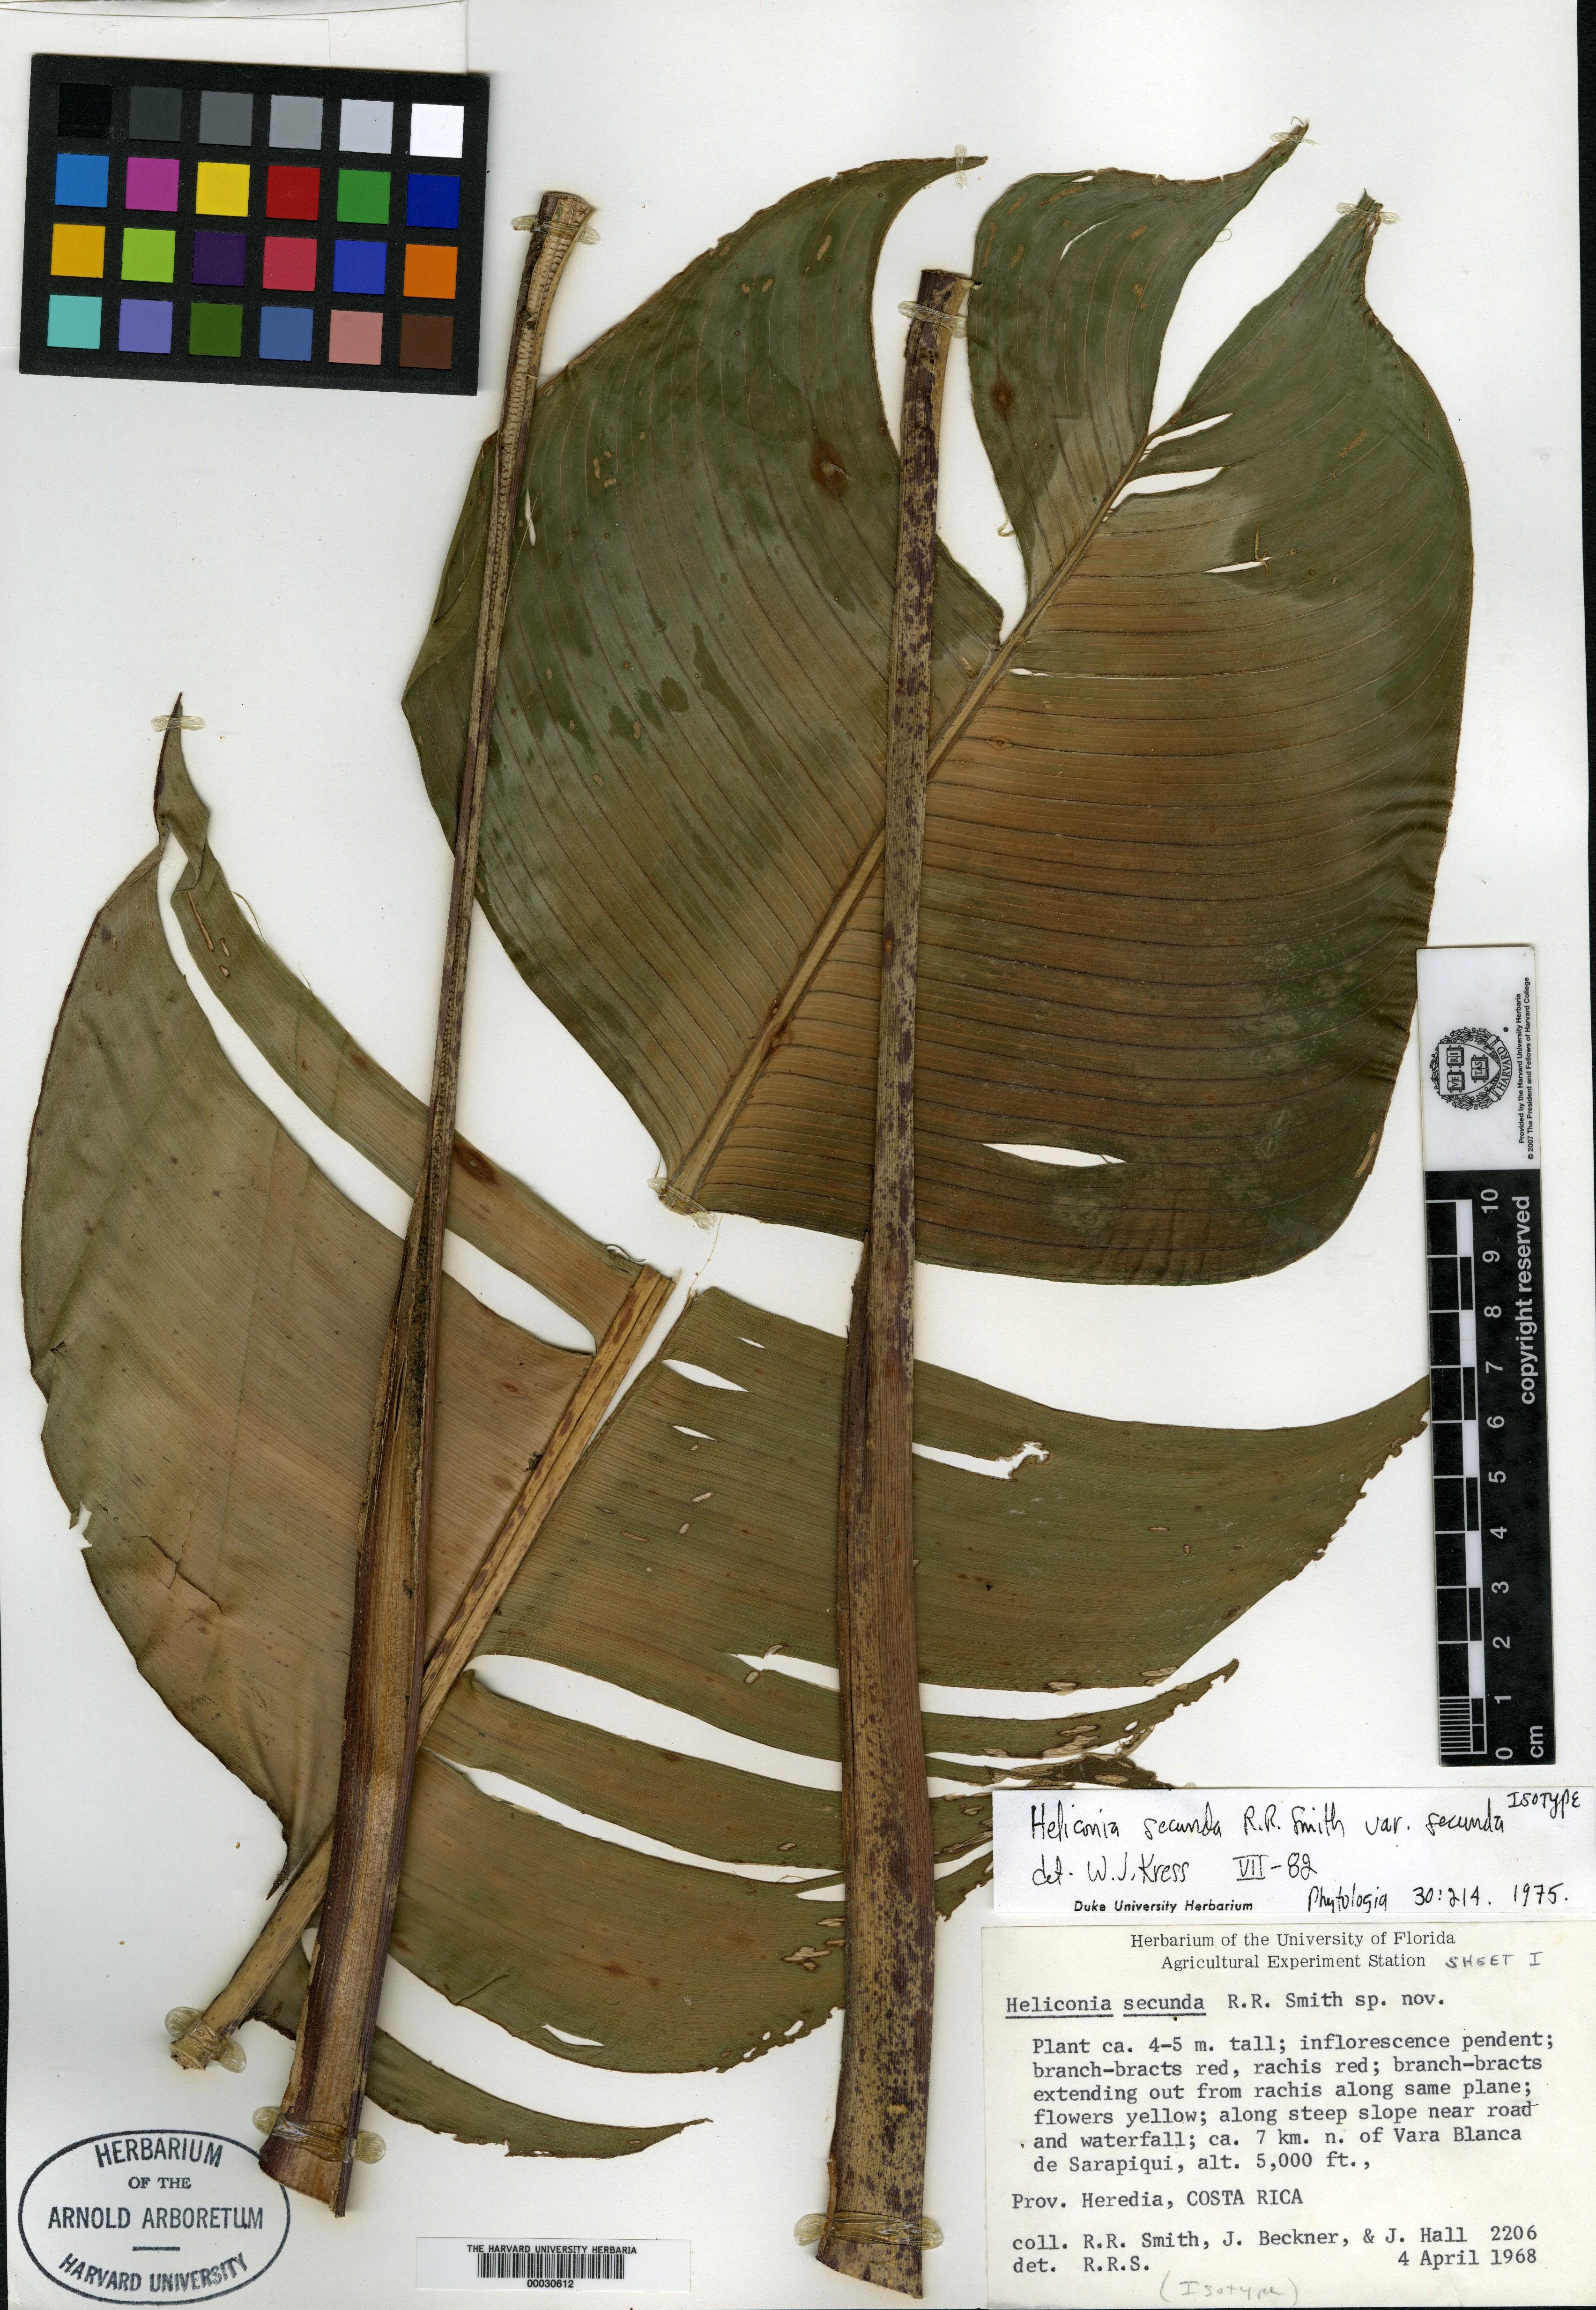 Heliconia secunda image